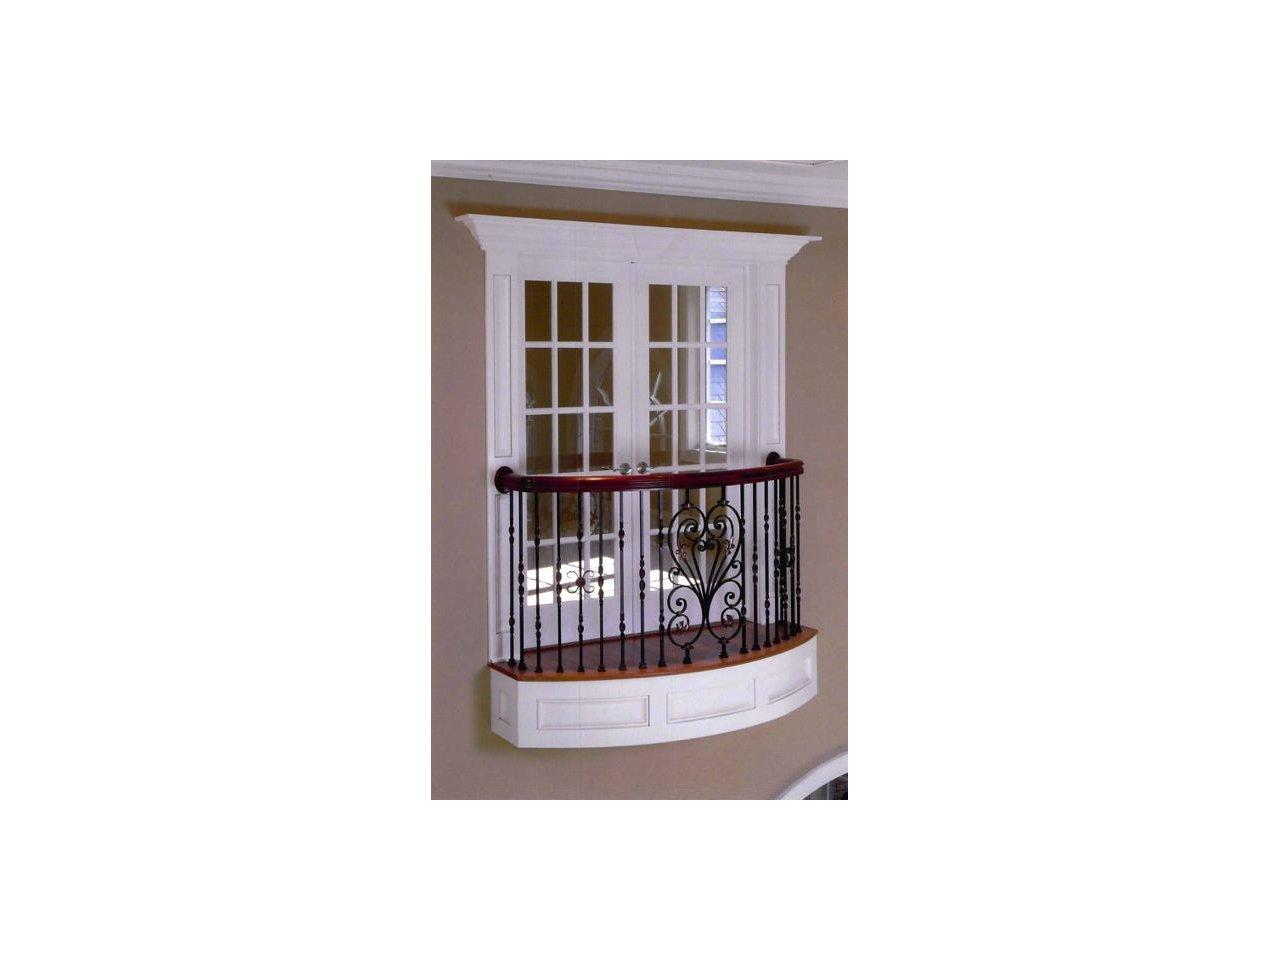 Balustrada kuta zewnętrzna BKZ70